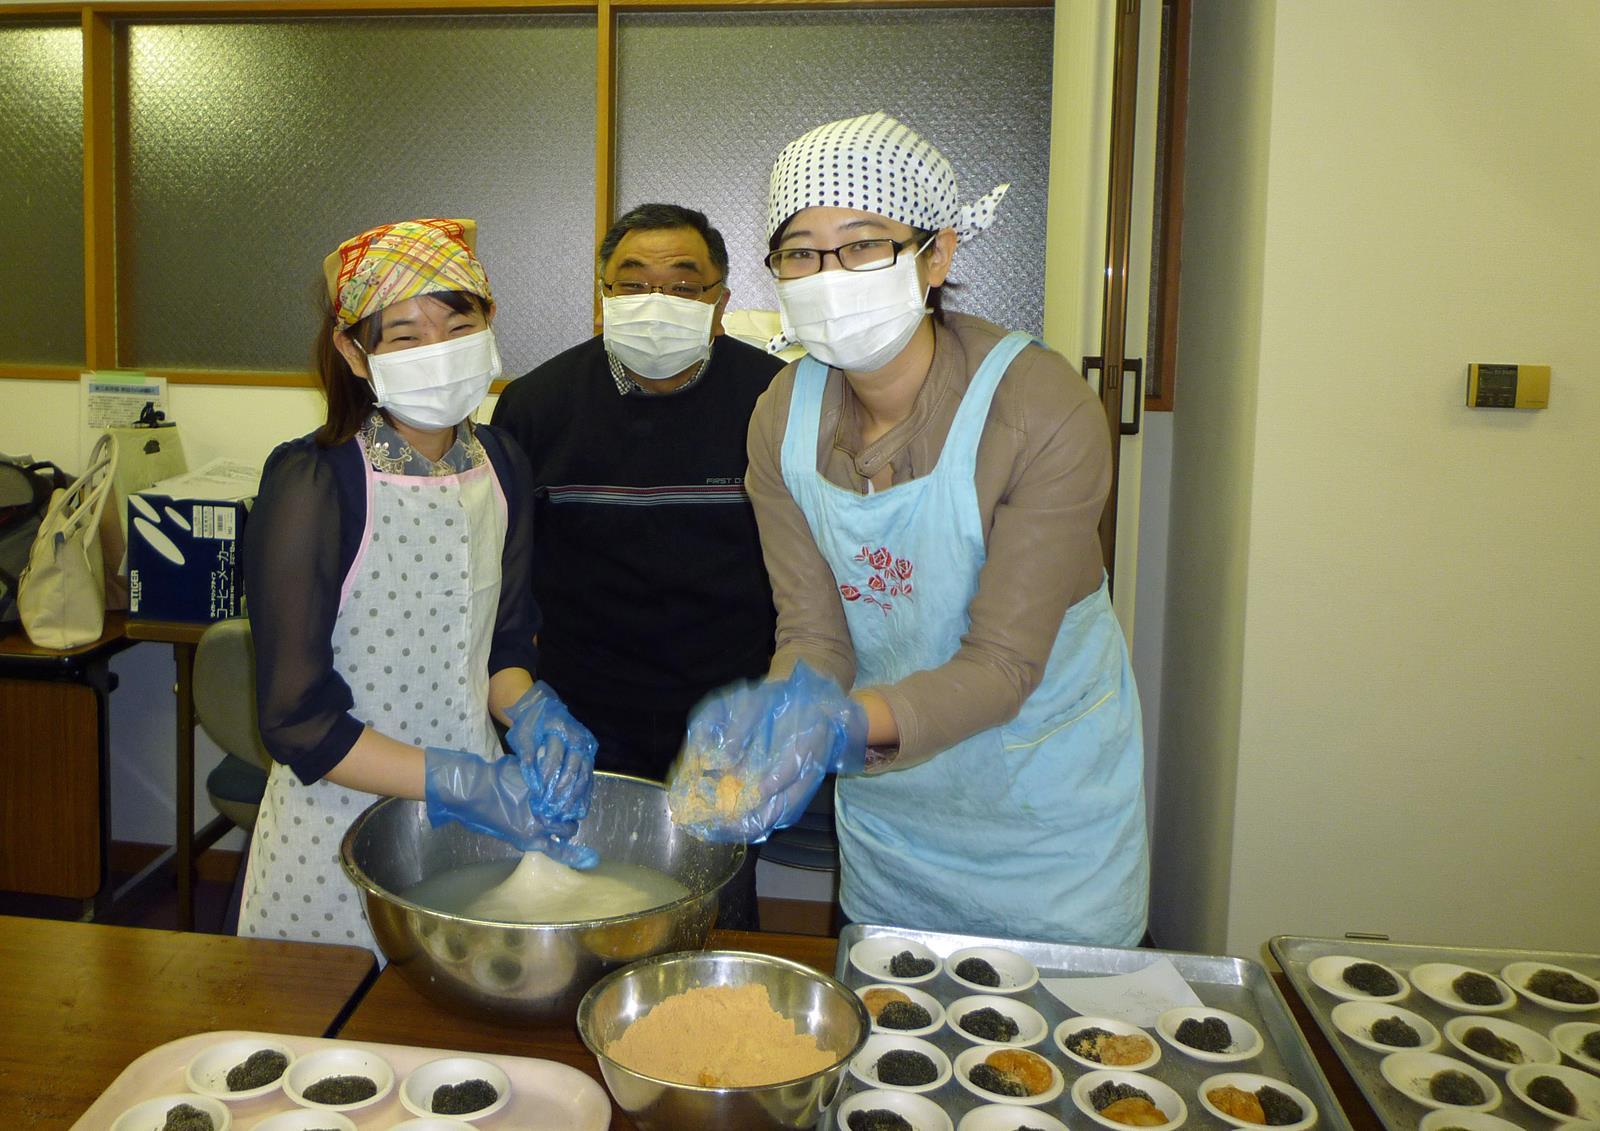 漢語角の仲間、餅つきに参加_d0027795_1458145.jpg